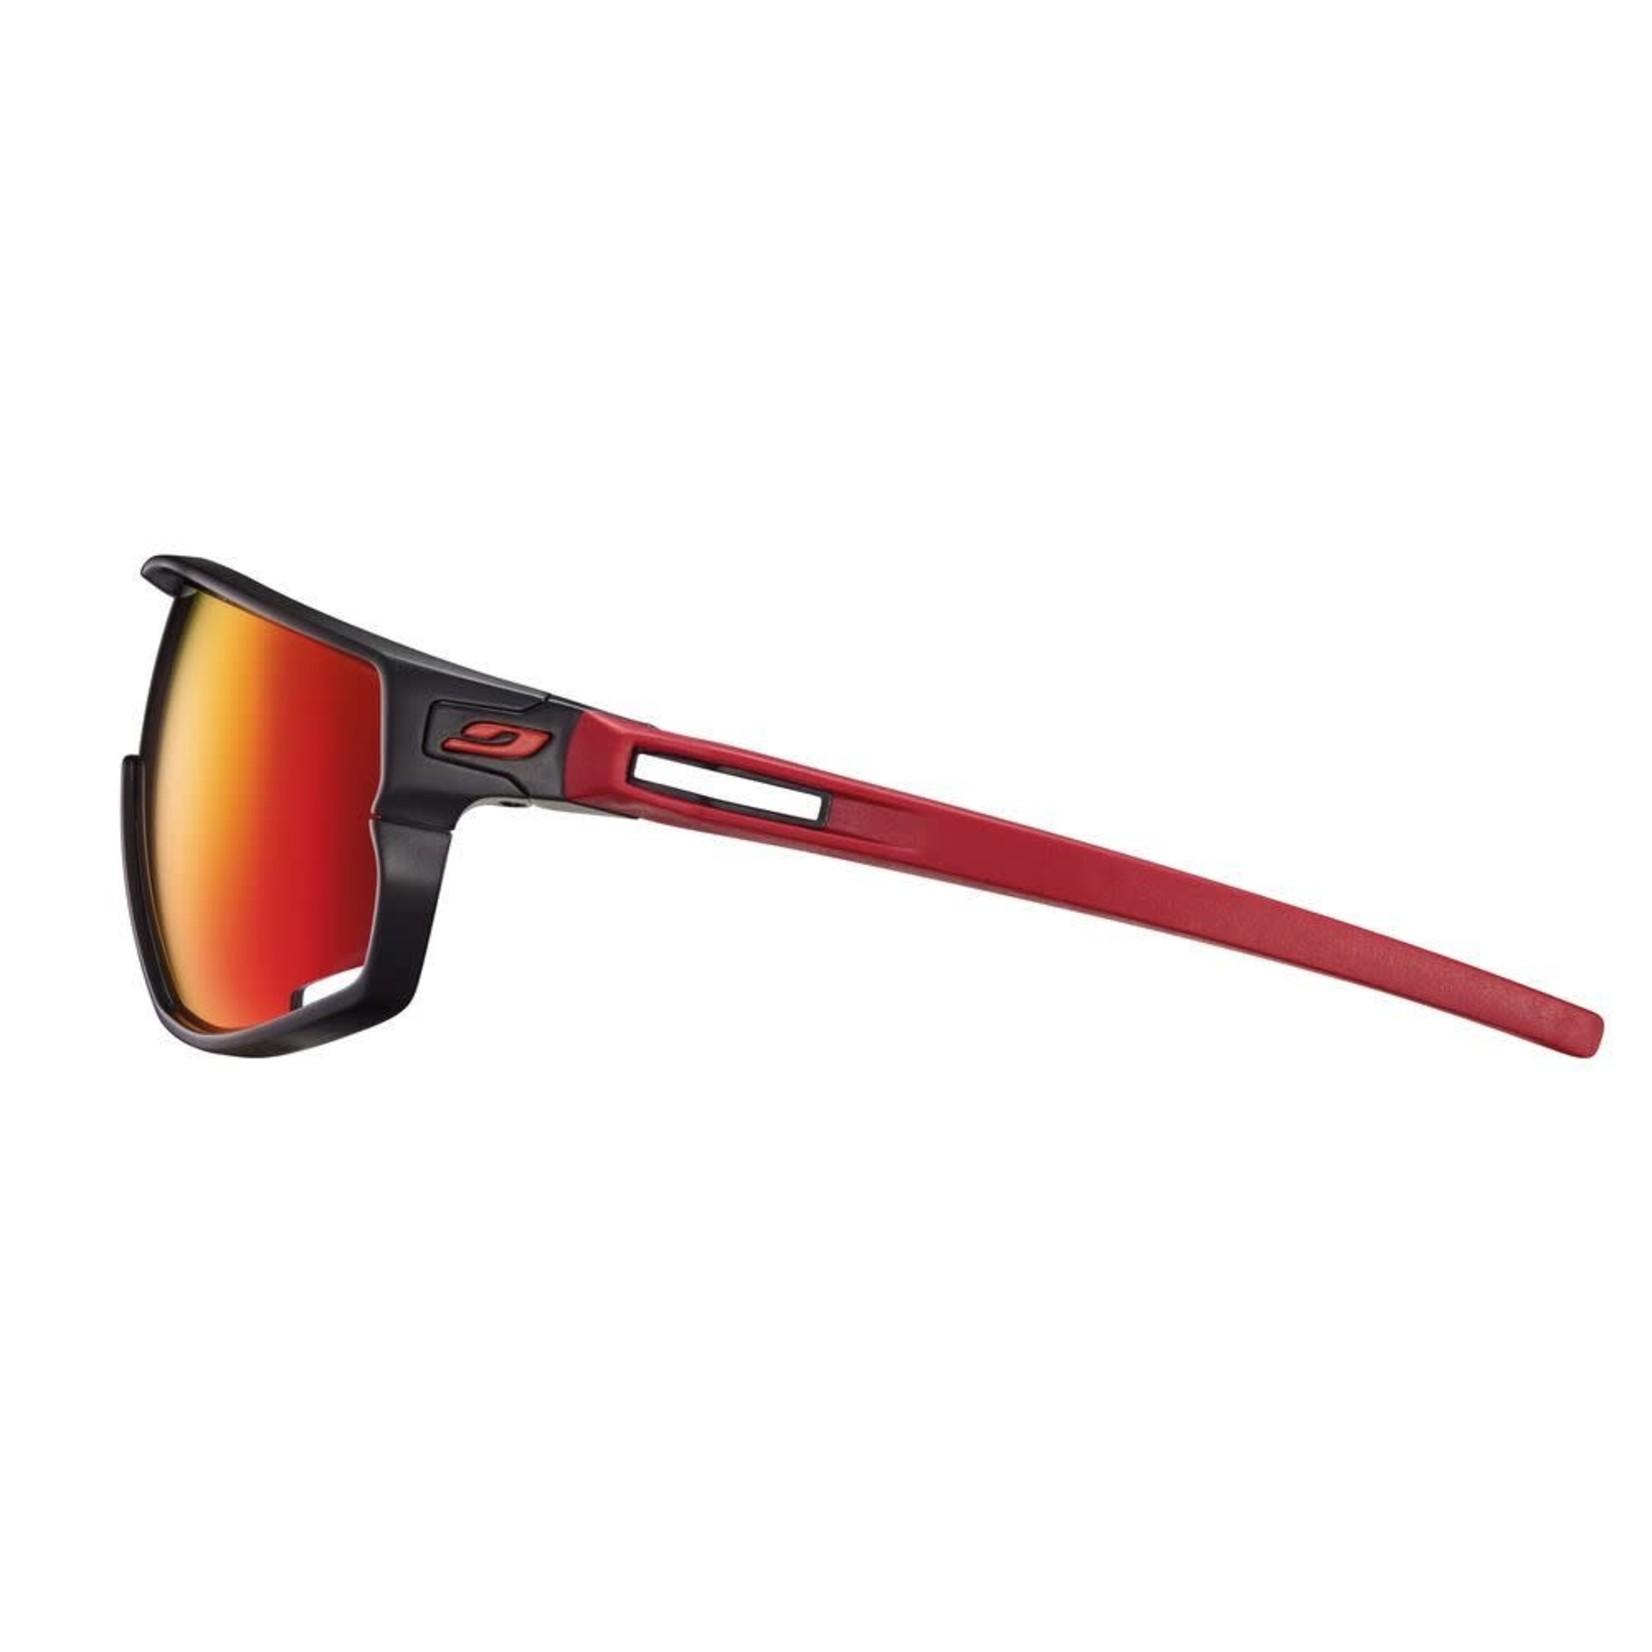 Julbo Julbo occhiali Rush nero/rosso Spectron 3